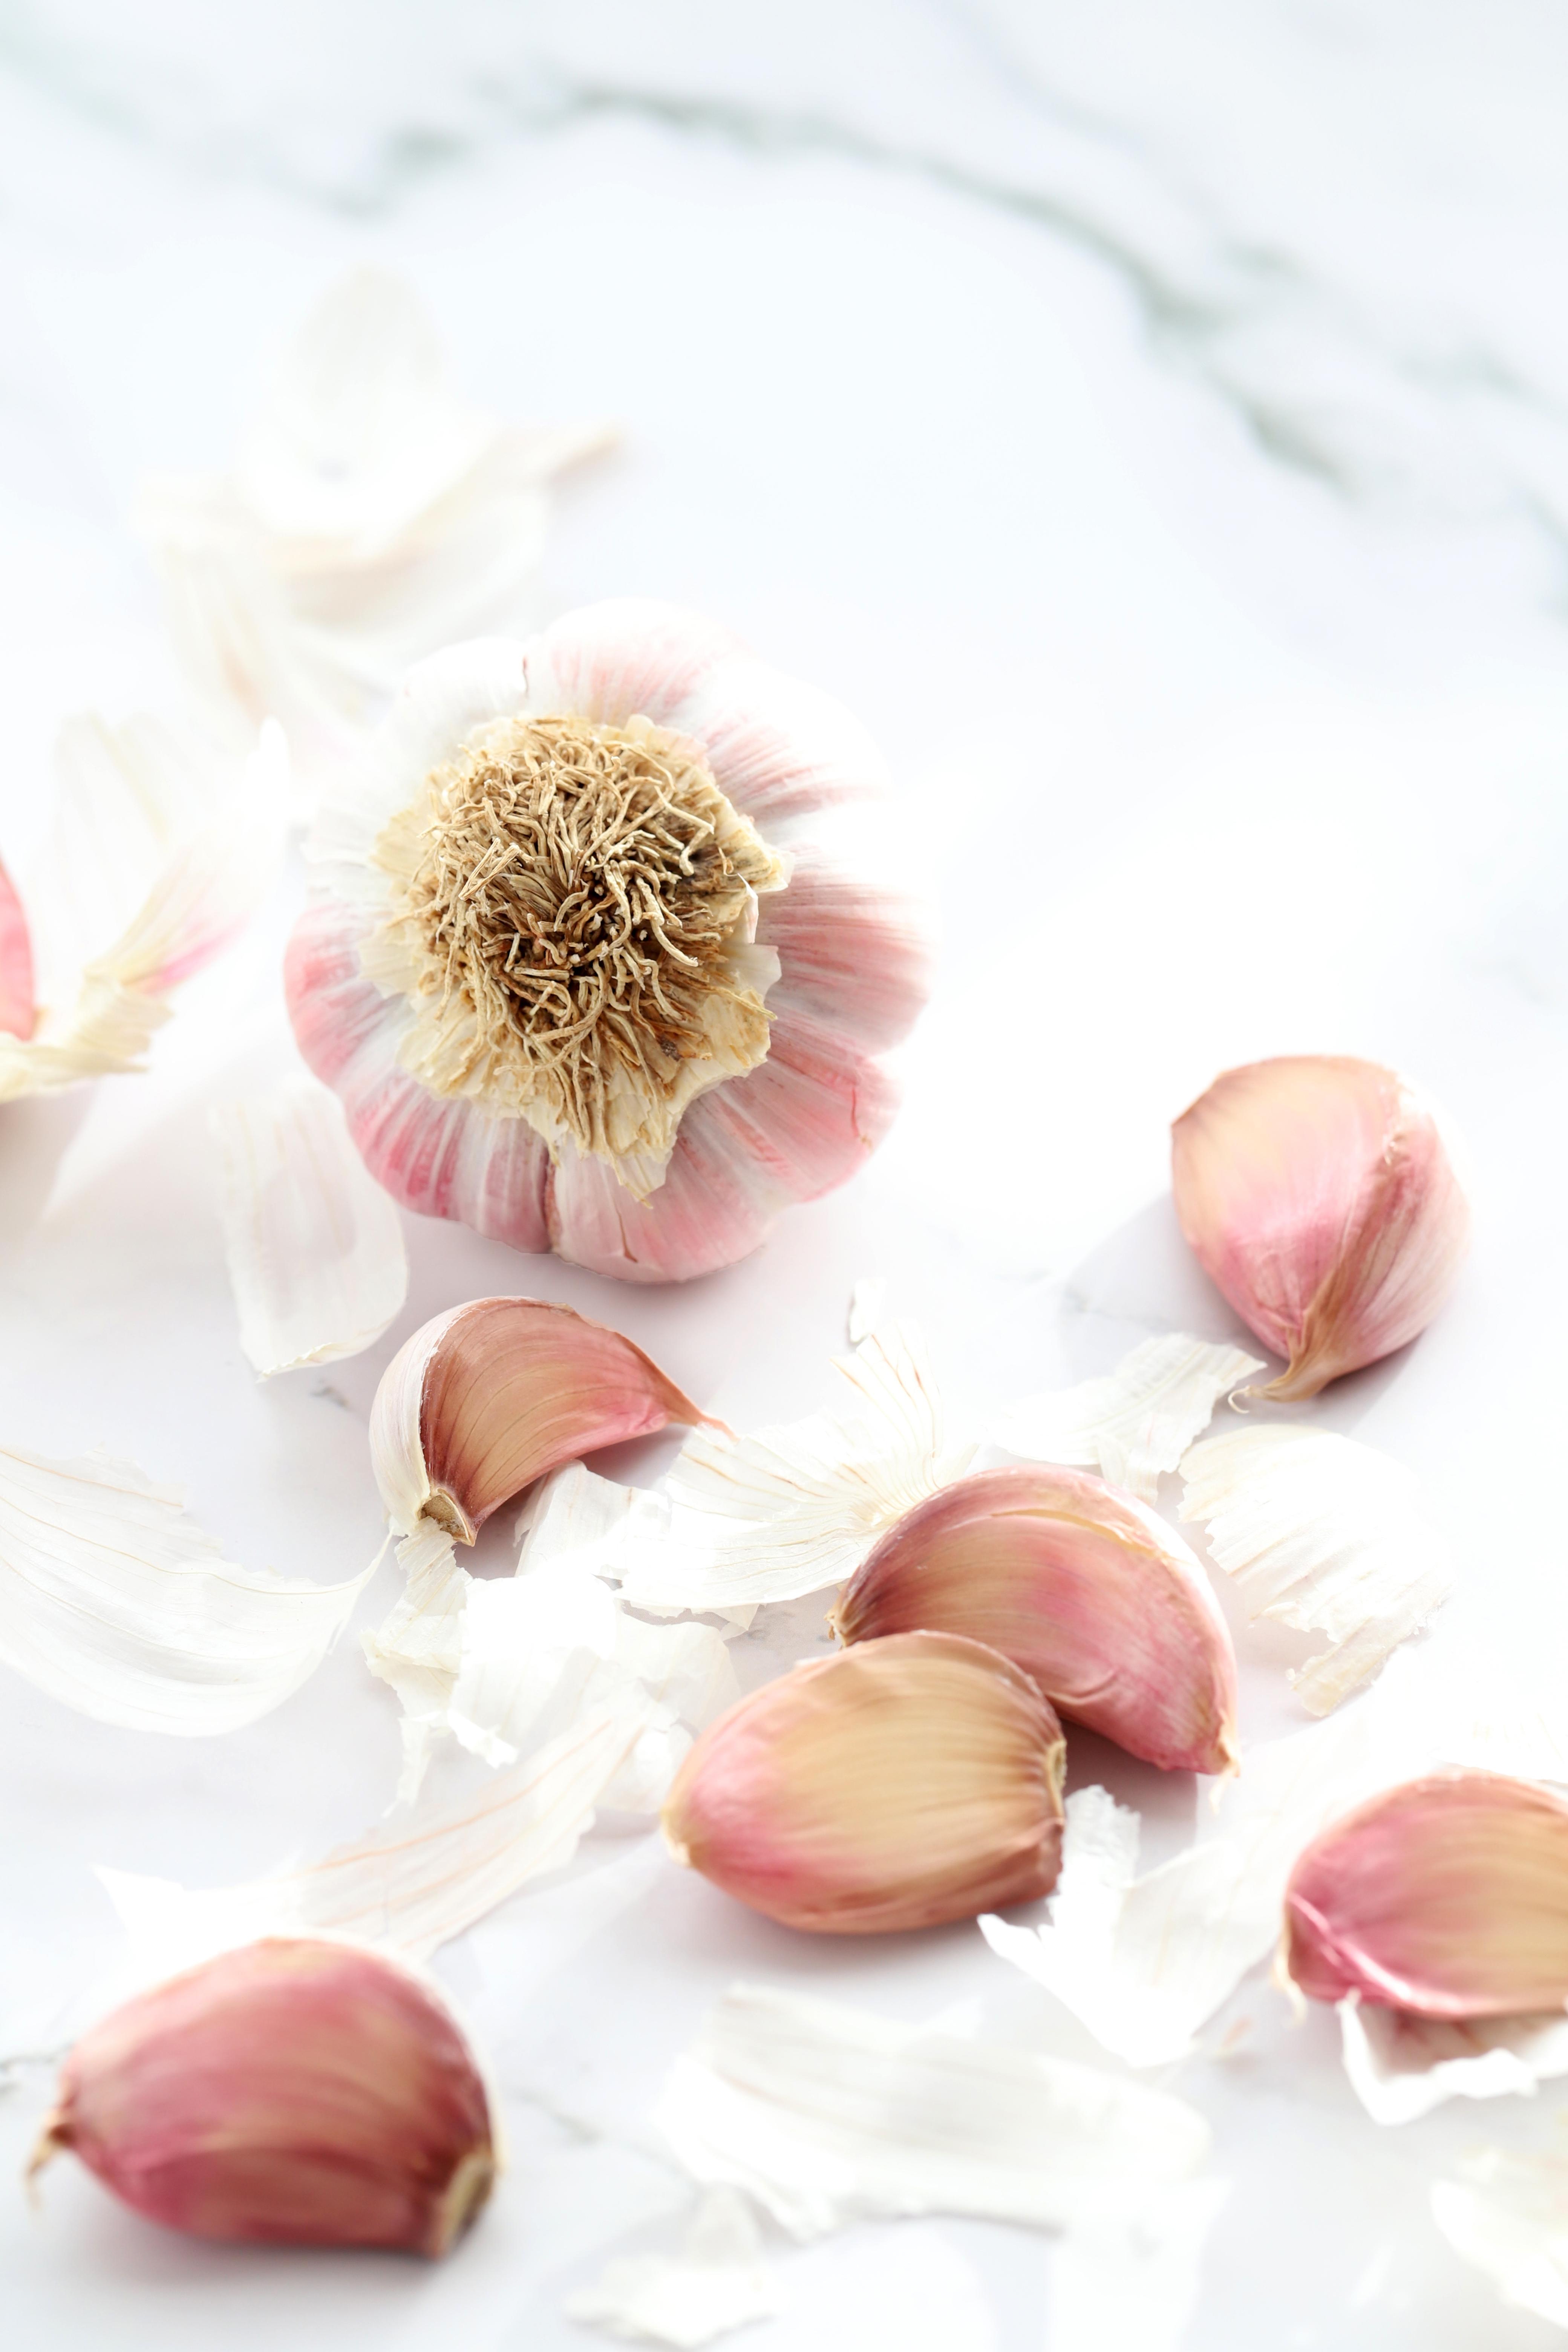 ail - garlic - delimoon.com